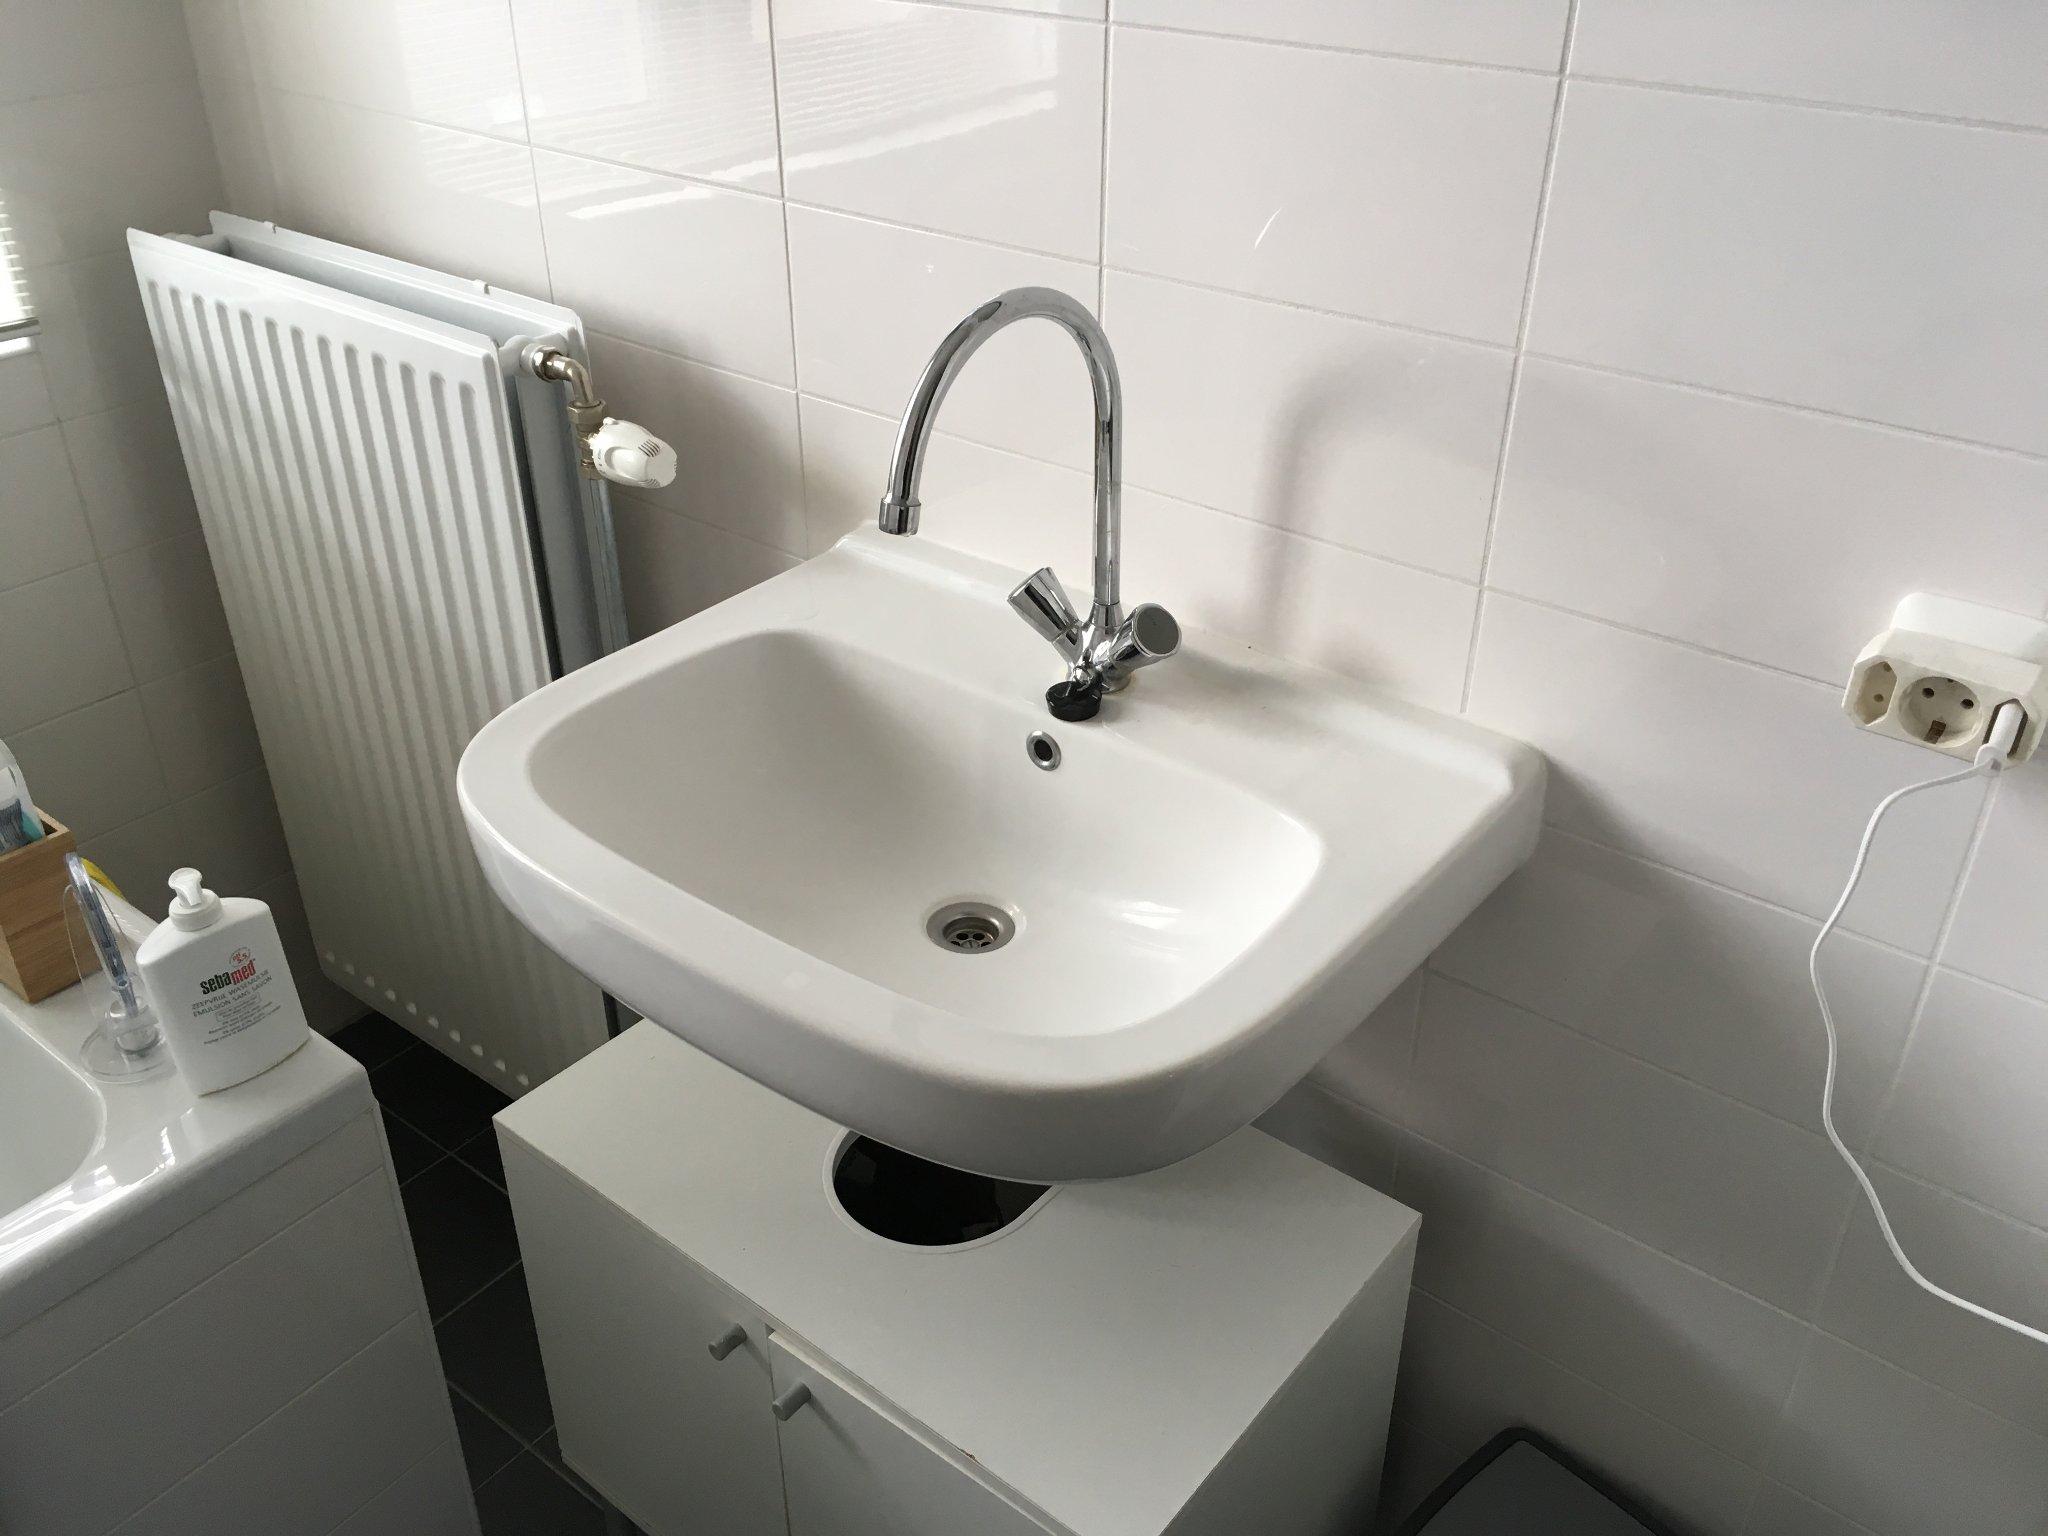 Wasbak badkamer verwijderen 5 tips om je badkamer seniorproof te